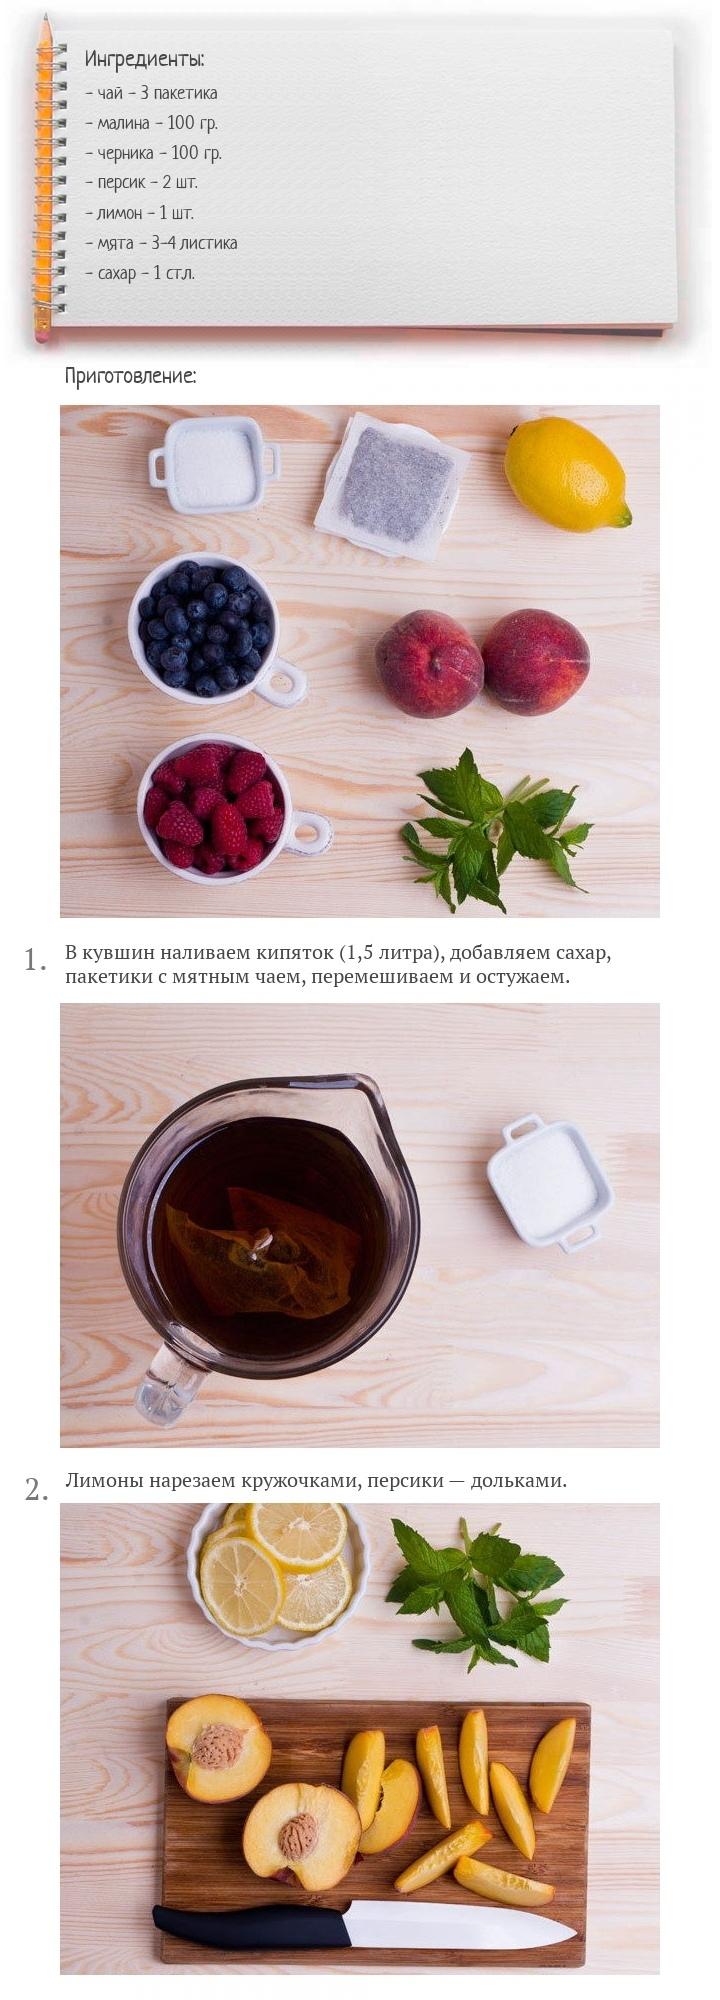 Холодный чай с фруктами и ягодами, изображение №2